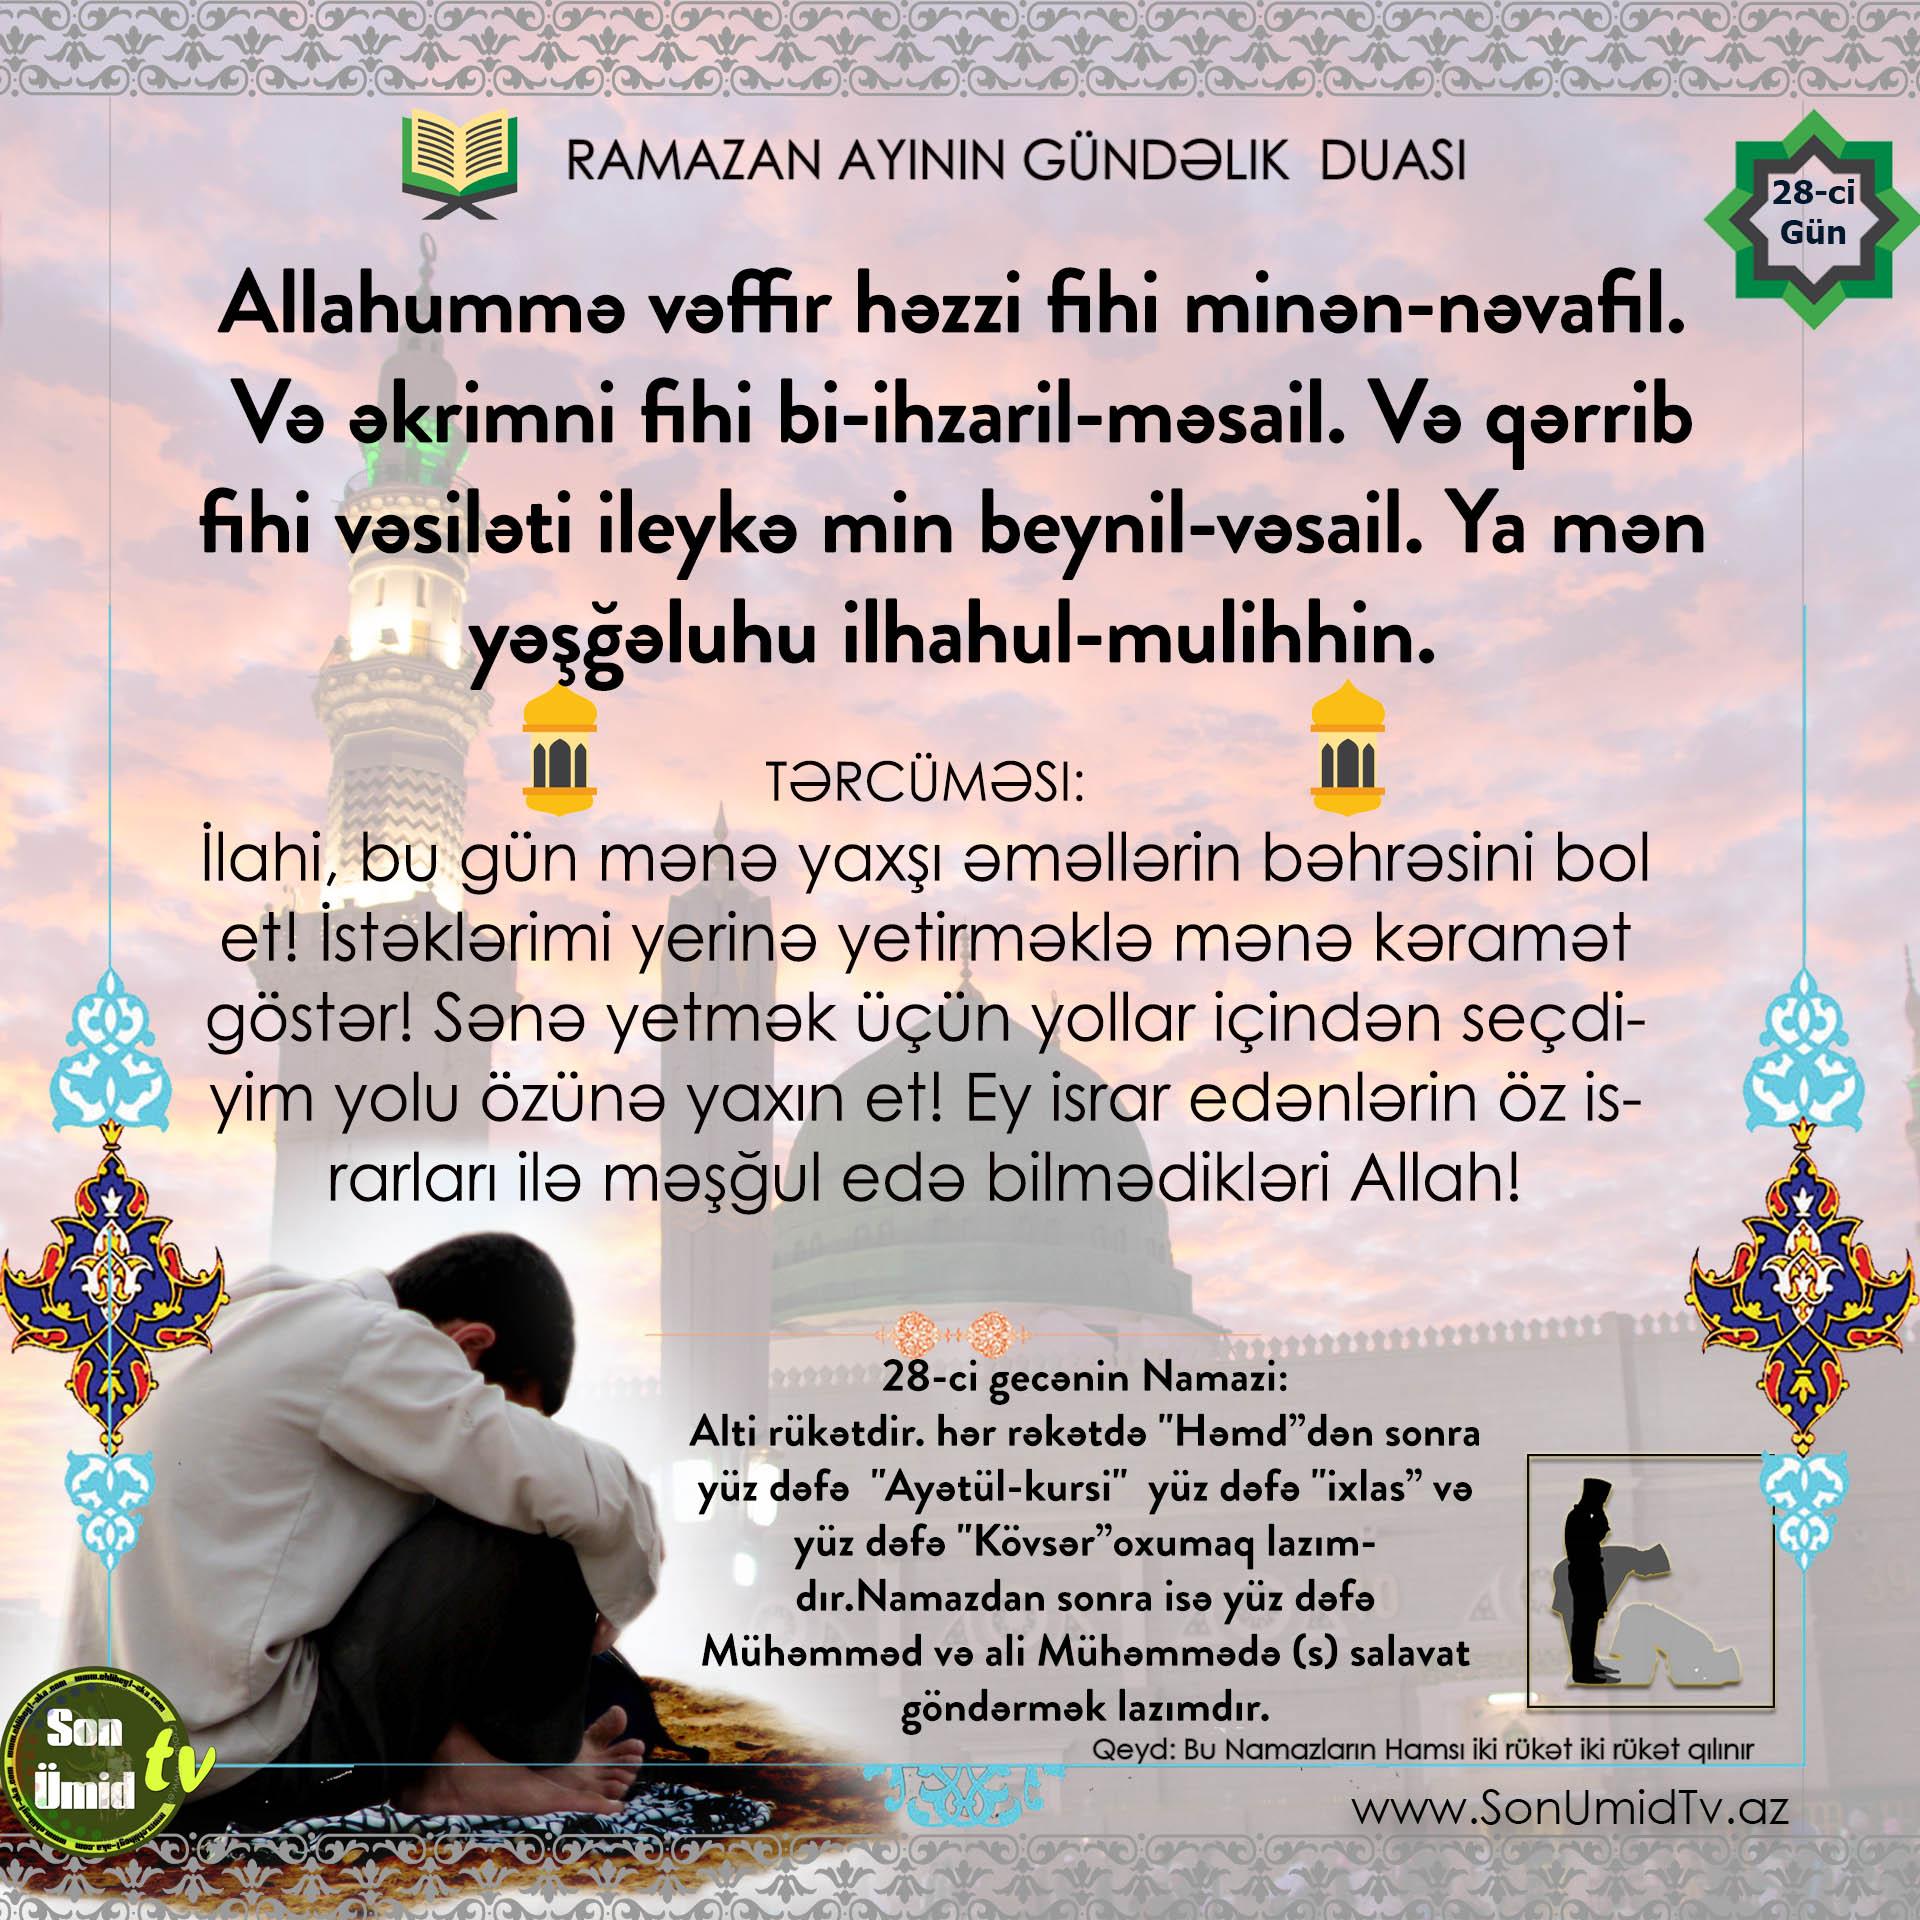 Ramazan  28-ci gününün duası və Namazı